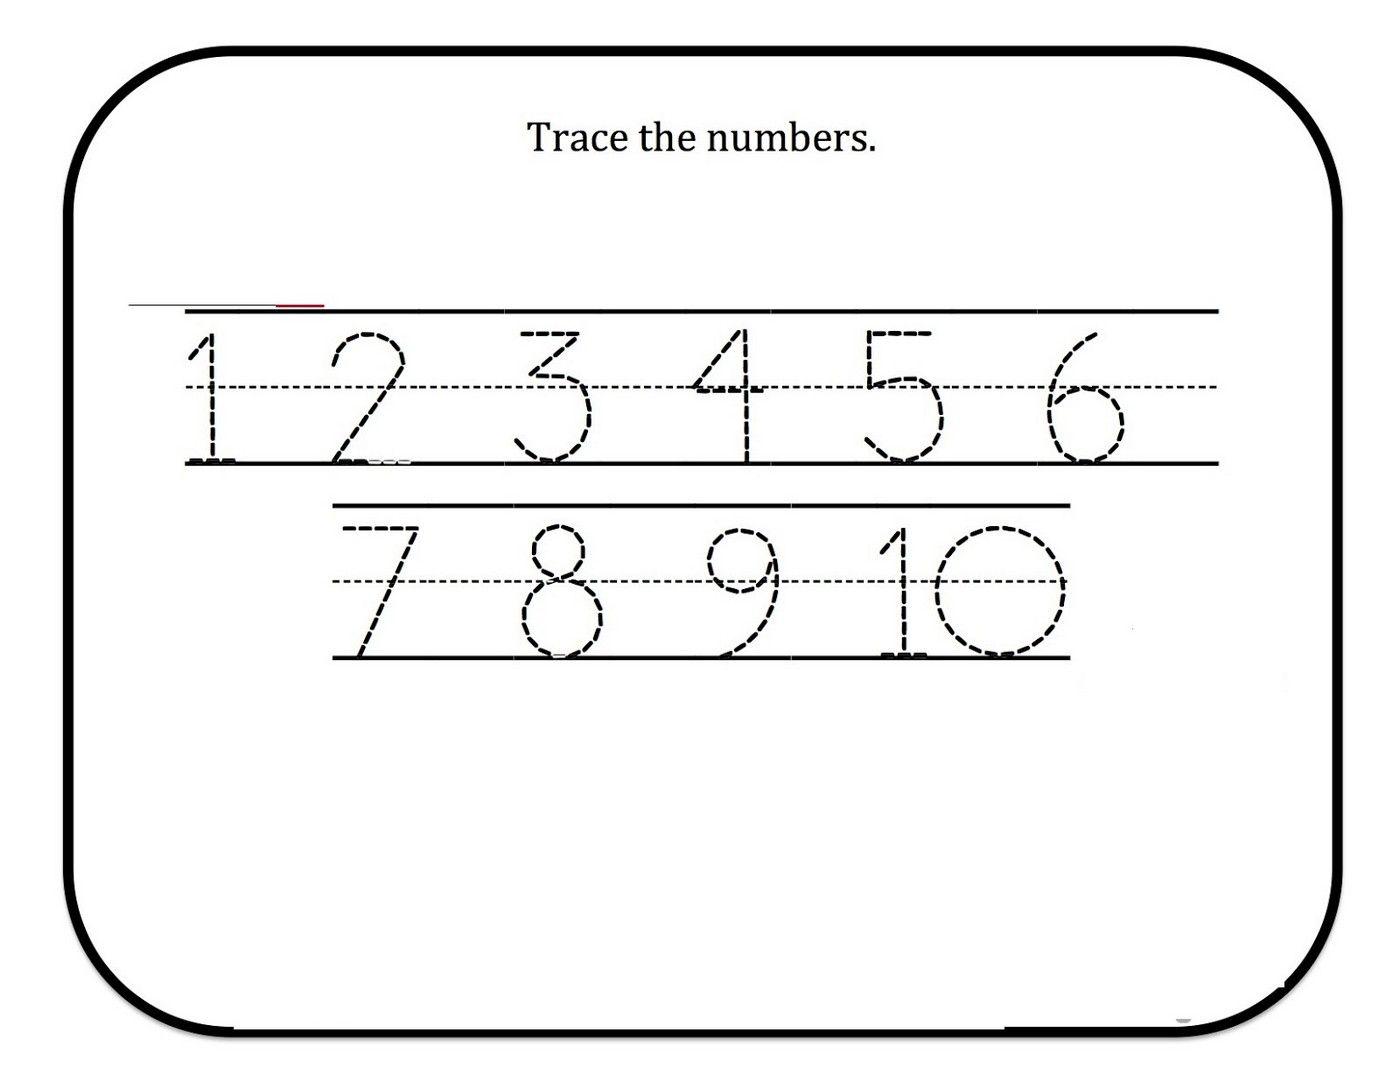 tracing numbers for kg worksheet 1-9 | Kids Worksheets Printable ...